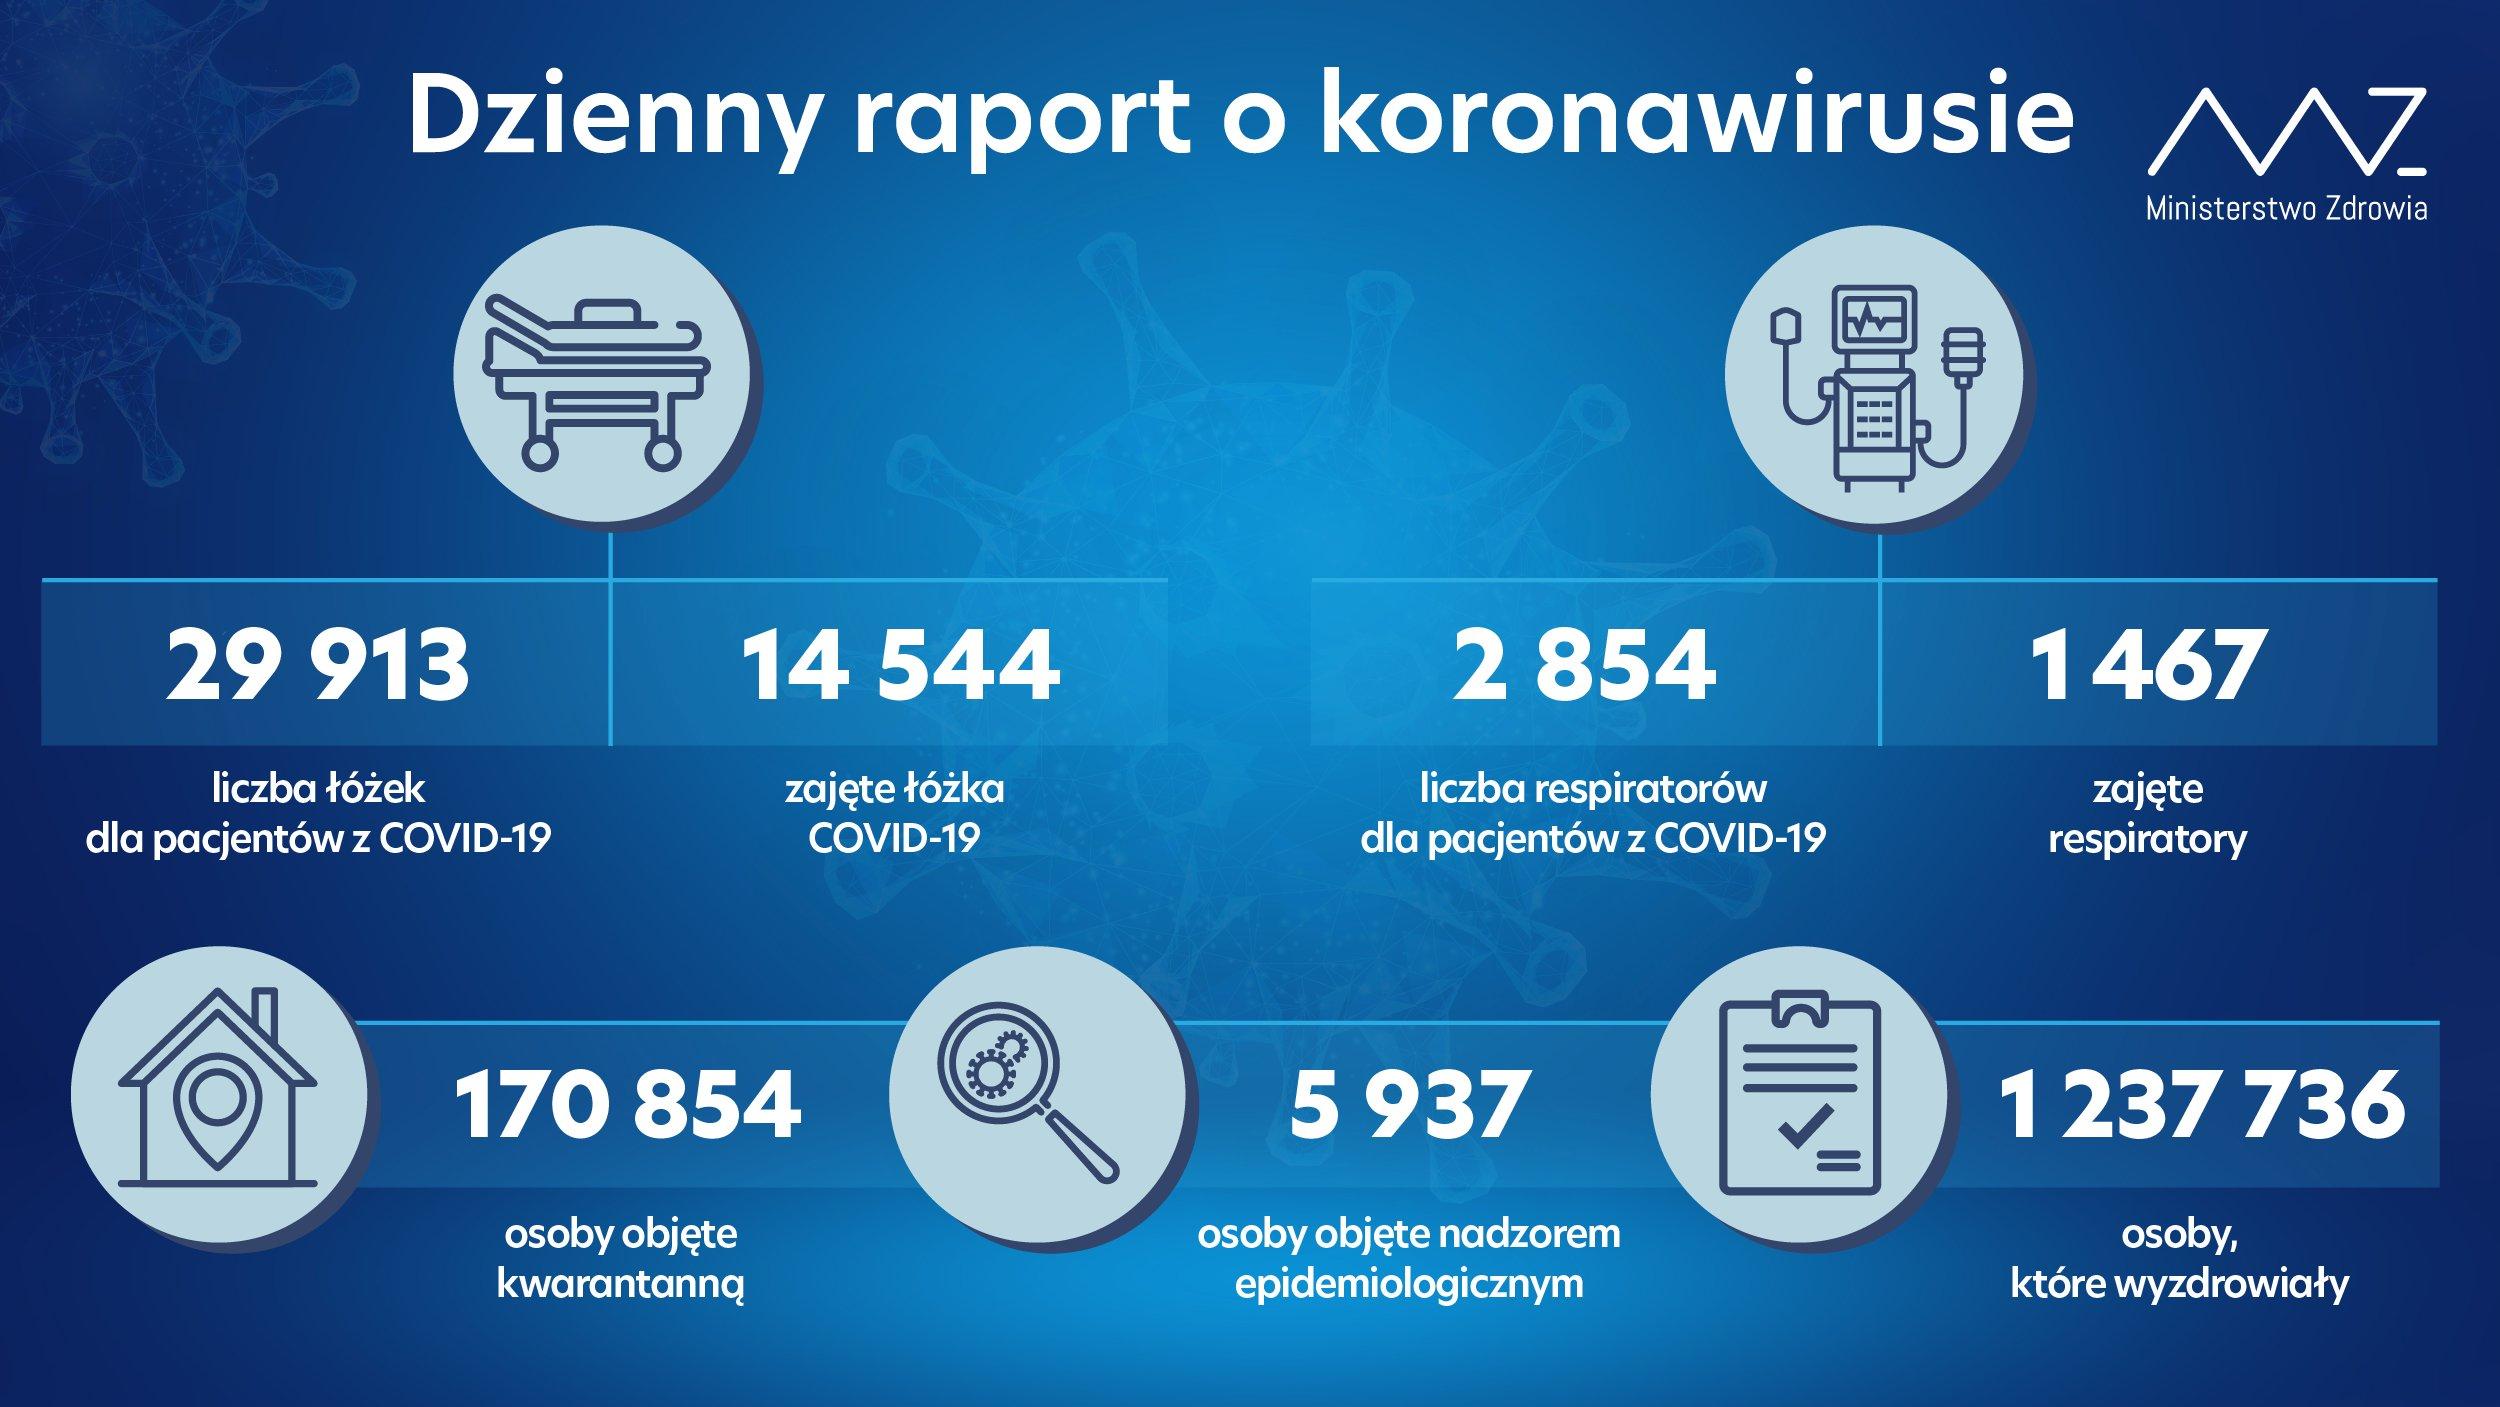 - liczba łóżek dla pacjentów z COVID-19: 29 913 - liczba łóżek zajętych: 14 544 - liczba respiratorów dla pacjentów z COVID-19: 2 854 - liczba zajętych respiratorów: 1 467 - liczba osób objętych kwarantanną: 170 854 - liczba osób objętych nadzorem sanitarno-epidemiologicznym: 5 937 - liczba osób, które wyzdrowiały: 1 237 736